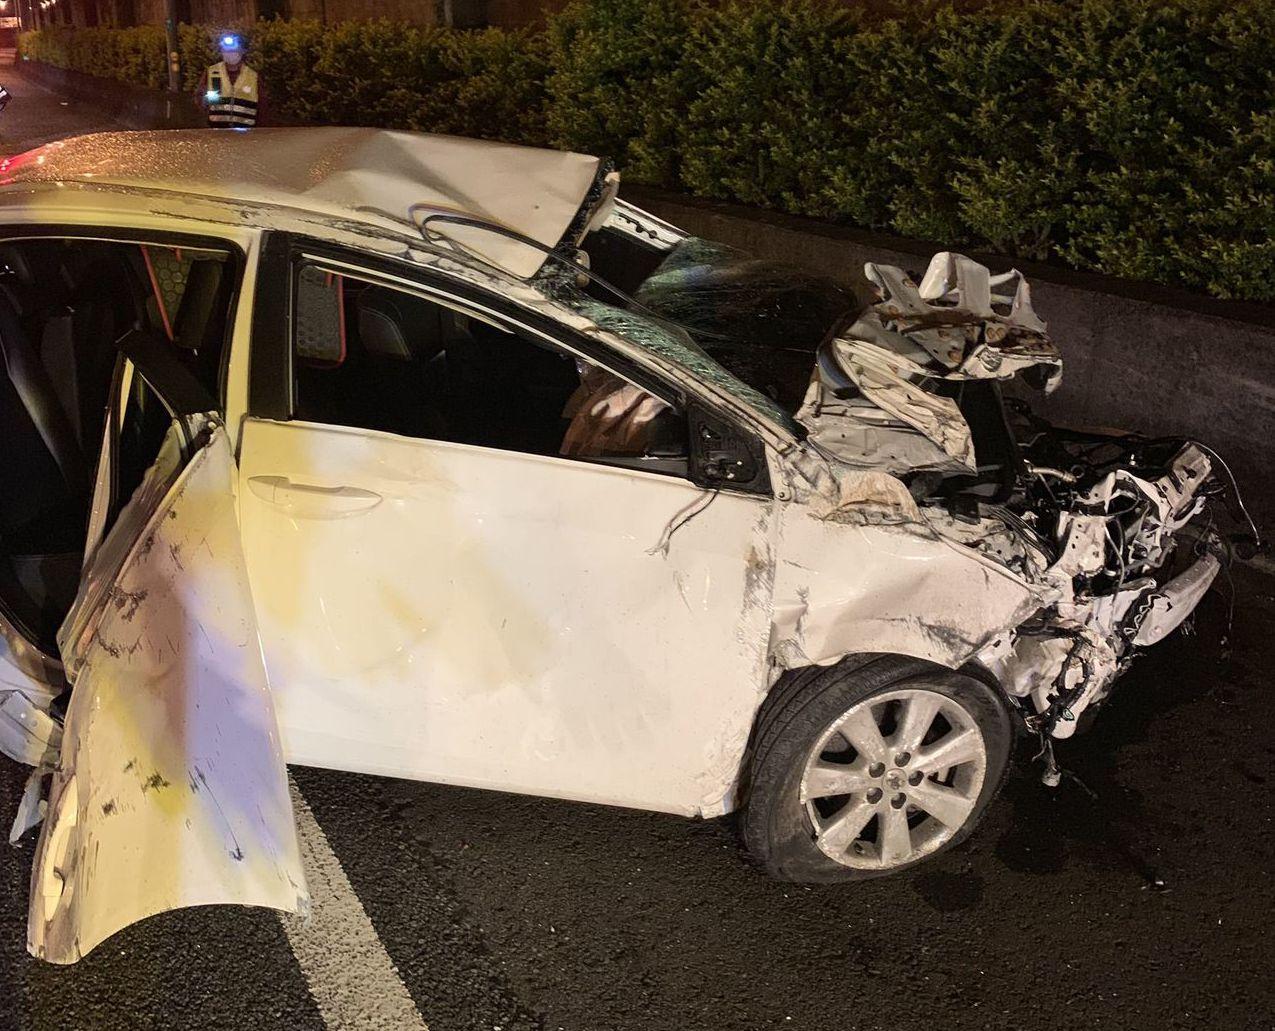 國道1號車禍,小轎車自撞已經成廢鐡。記者范榮達/翻攝